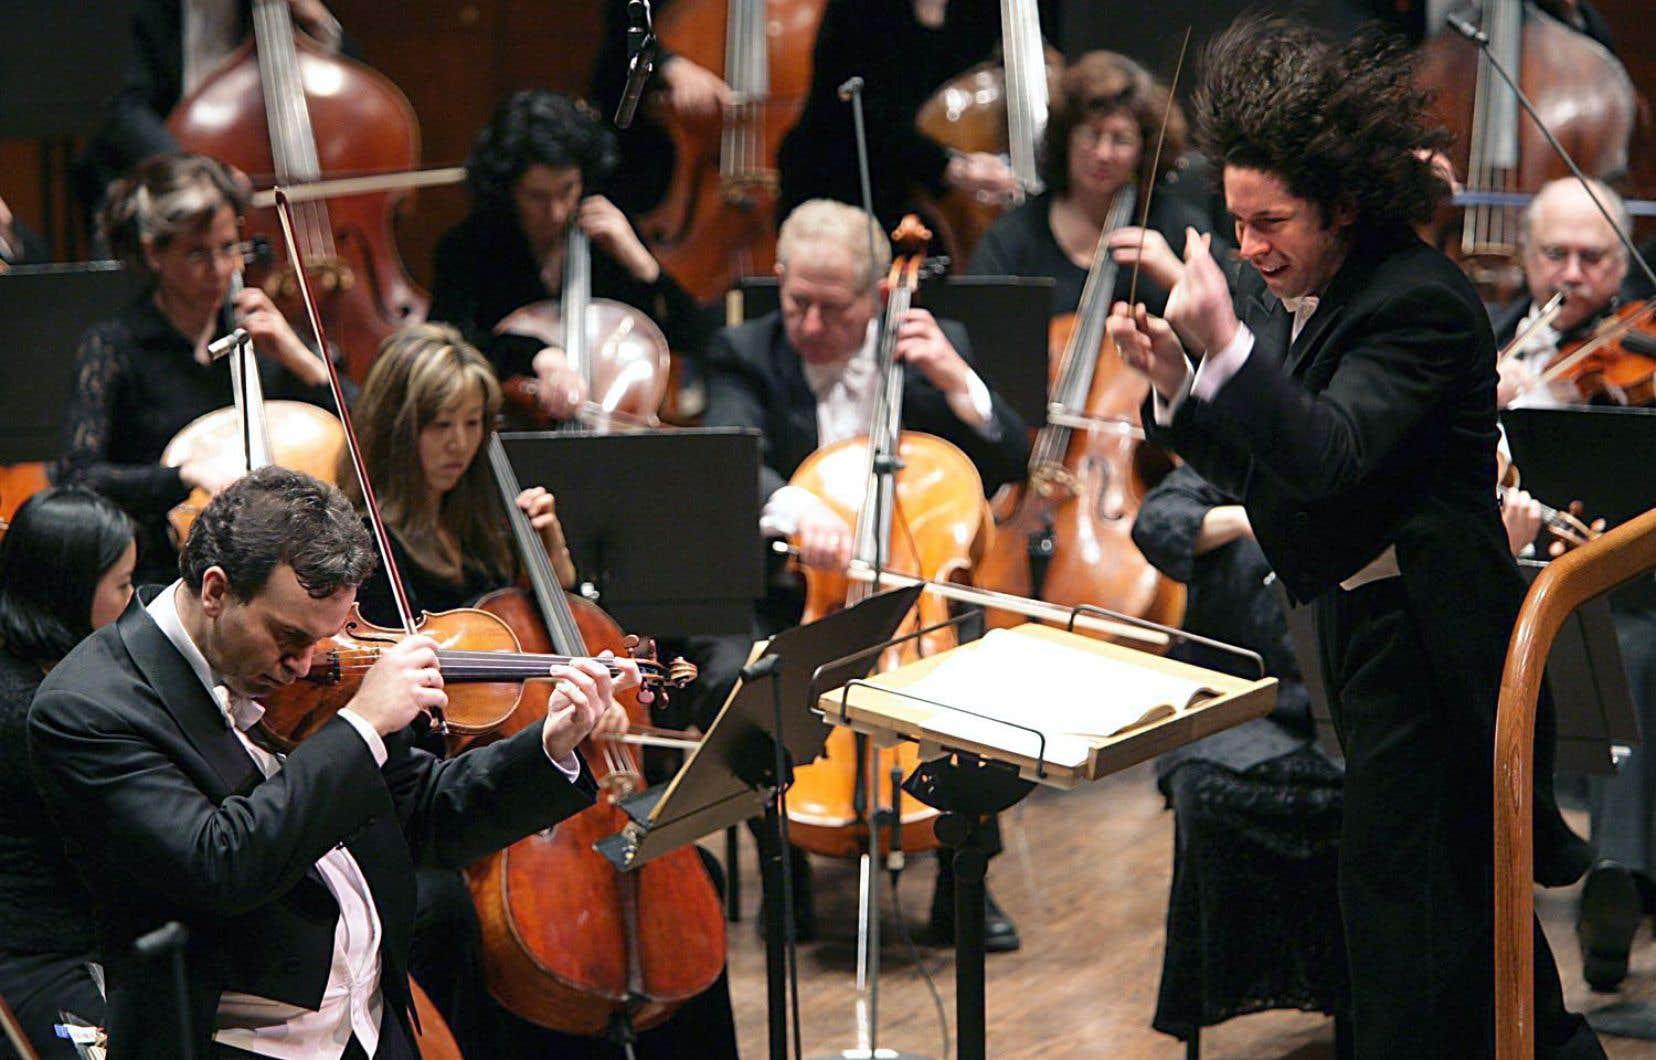 Le violoniste Gil Shaham en concert avec l'Orchestre philharmonique de New York, dirigé ici par le jeune chef Gustavo Dudamel.